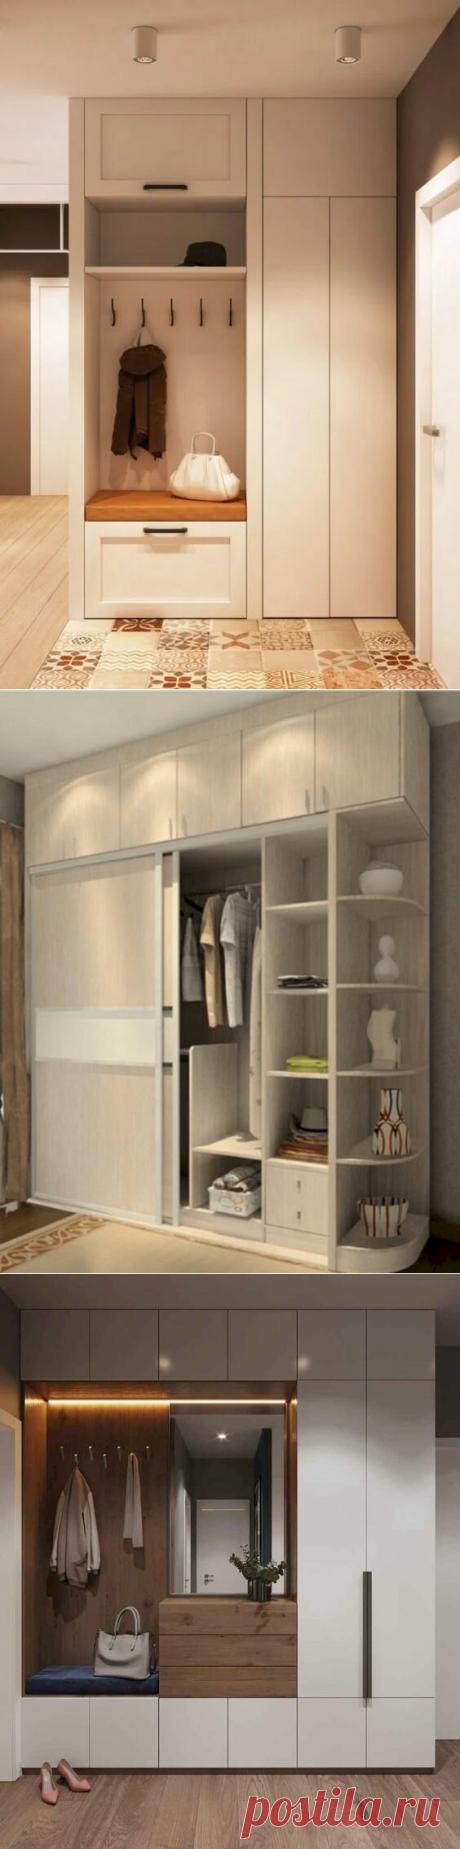 Шкаф в прихожую. Дизайн и оснащение. 17 важных рекомендаций | Дизайн и Культура | Яндекс Дзен